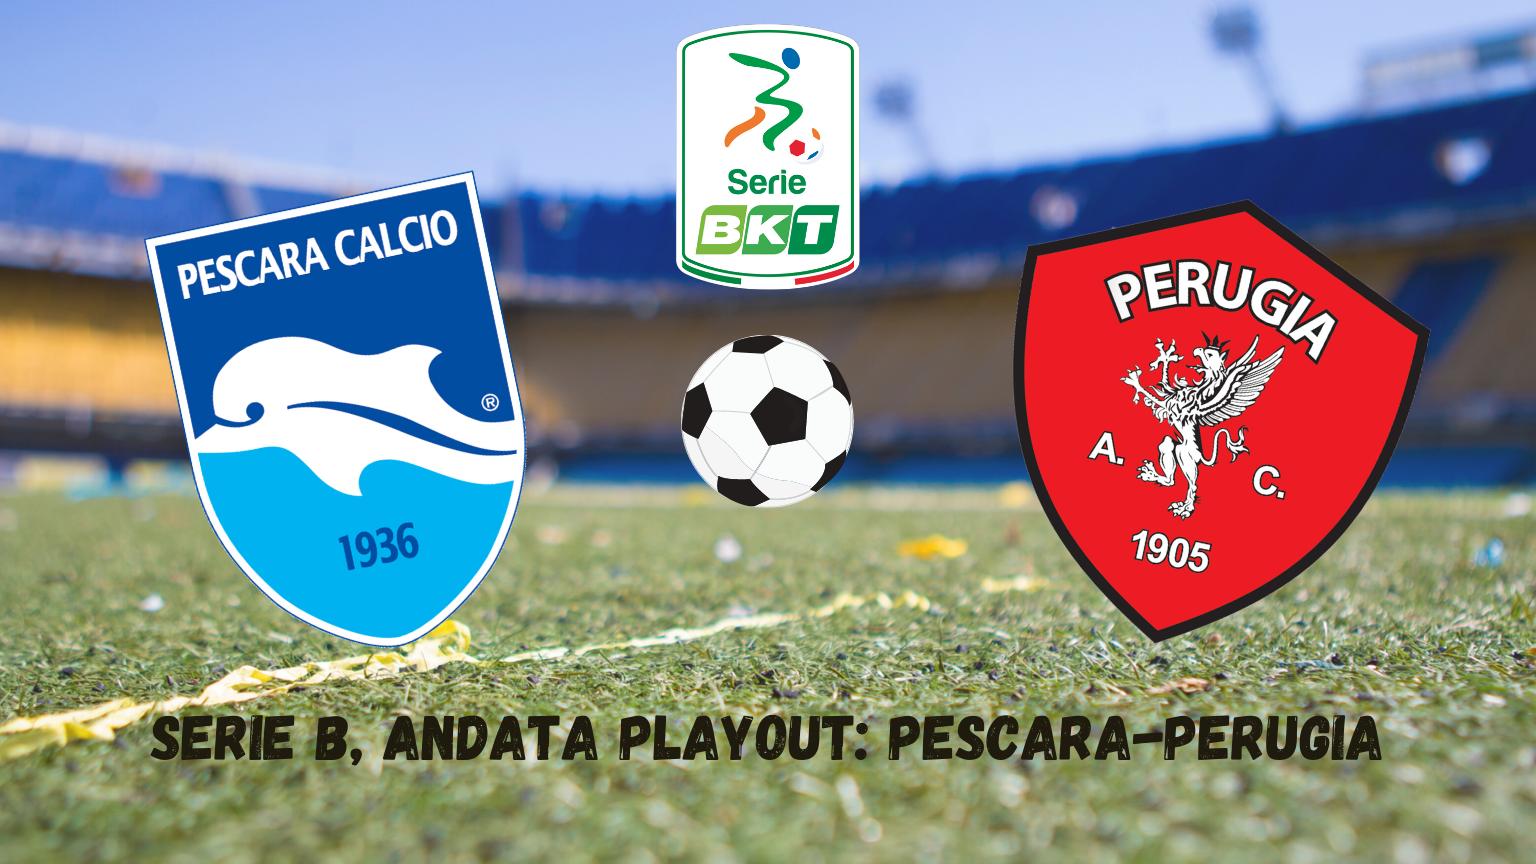 Pronostici Serie B: Pescara-Perugia